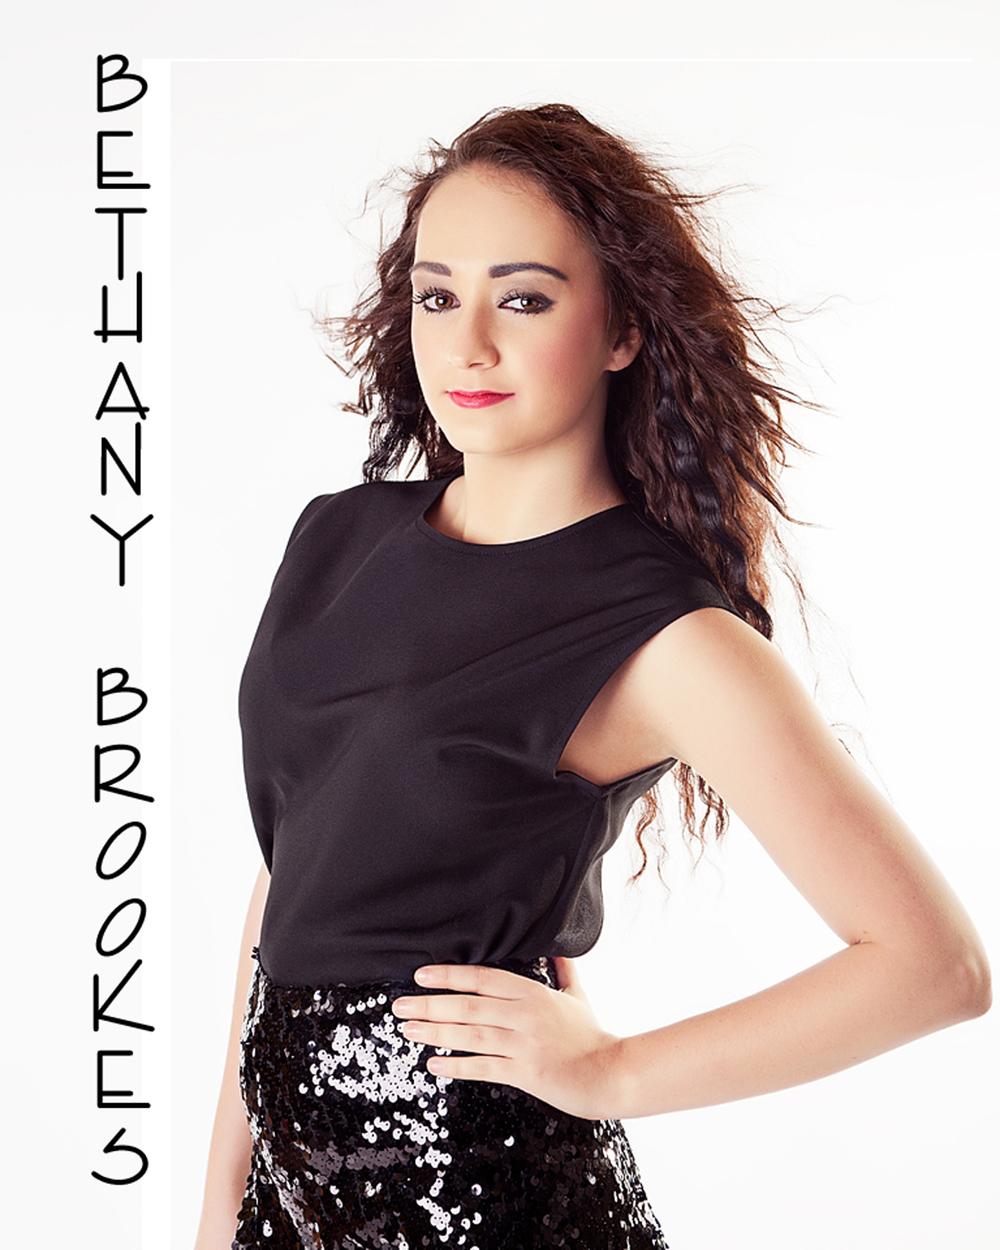 Bethany Brookes